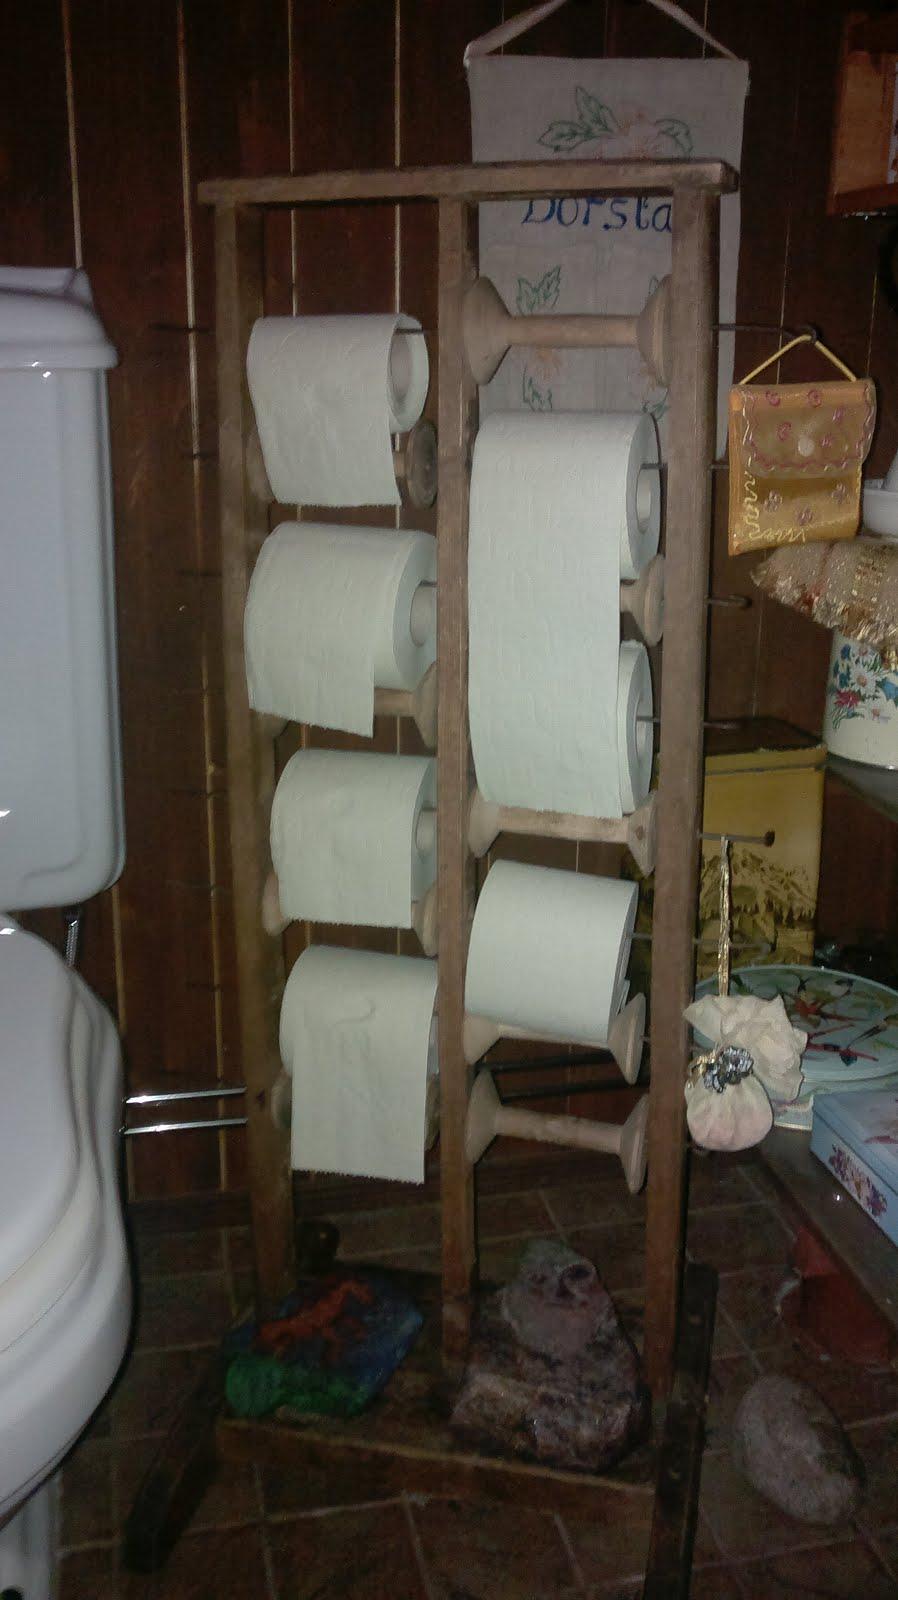 Vanha lankarullateline muuttui vessapaperitelineeksi